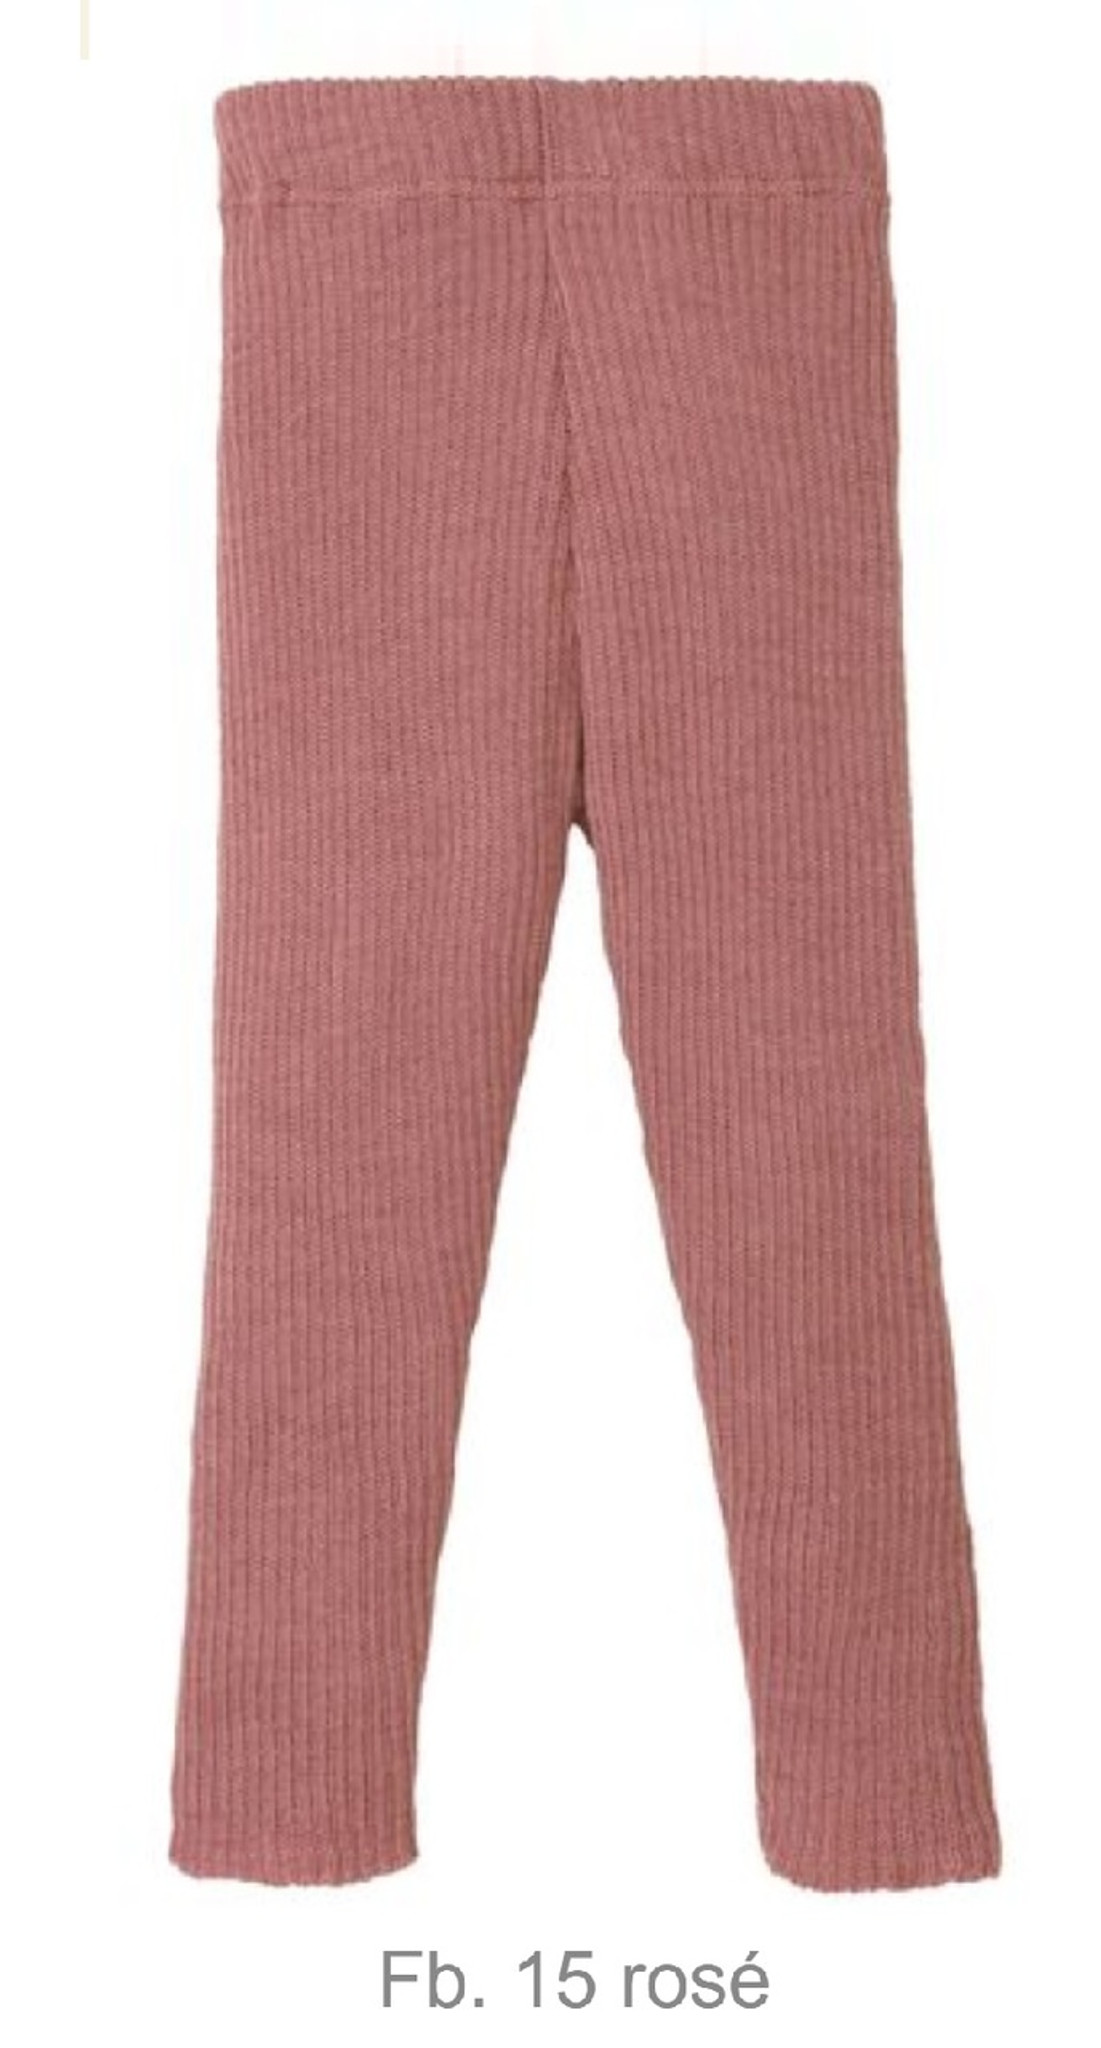 100/% super soft Merino Wool Pants for children